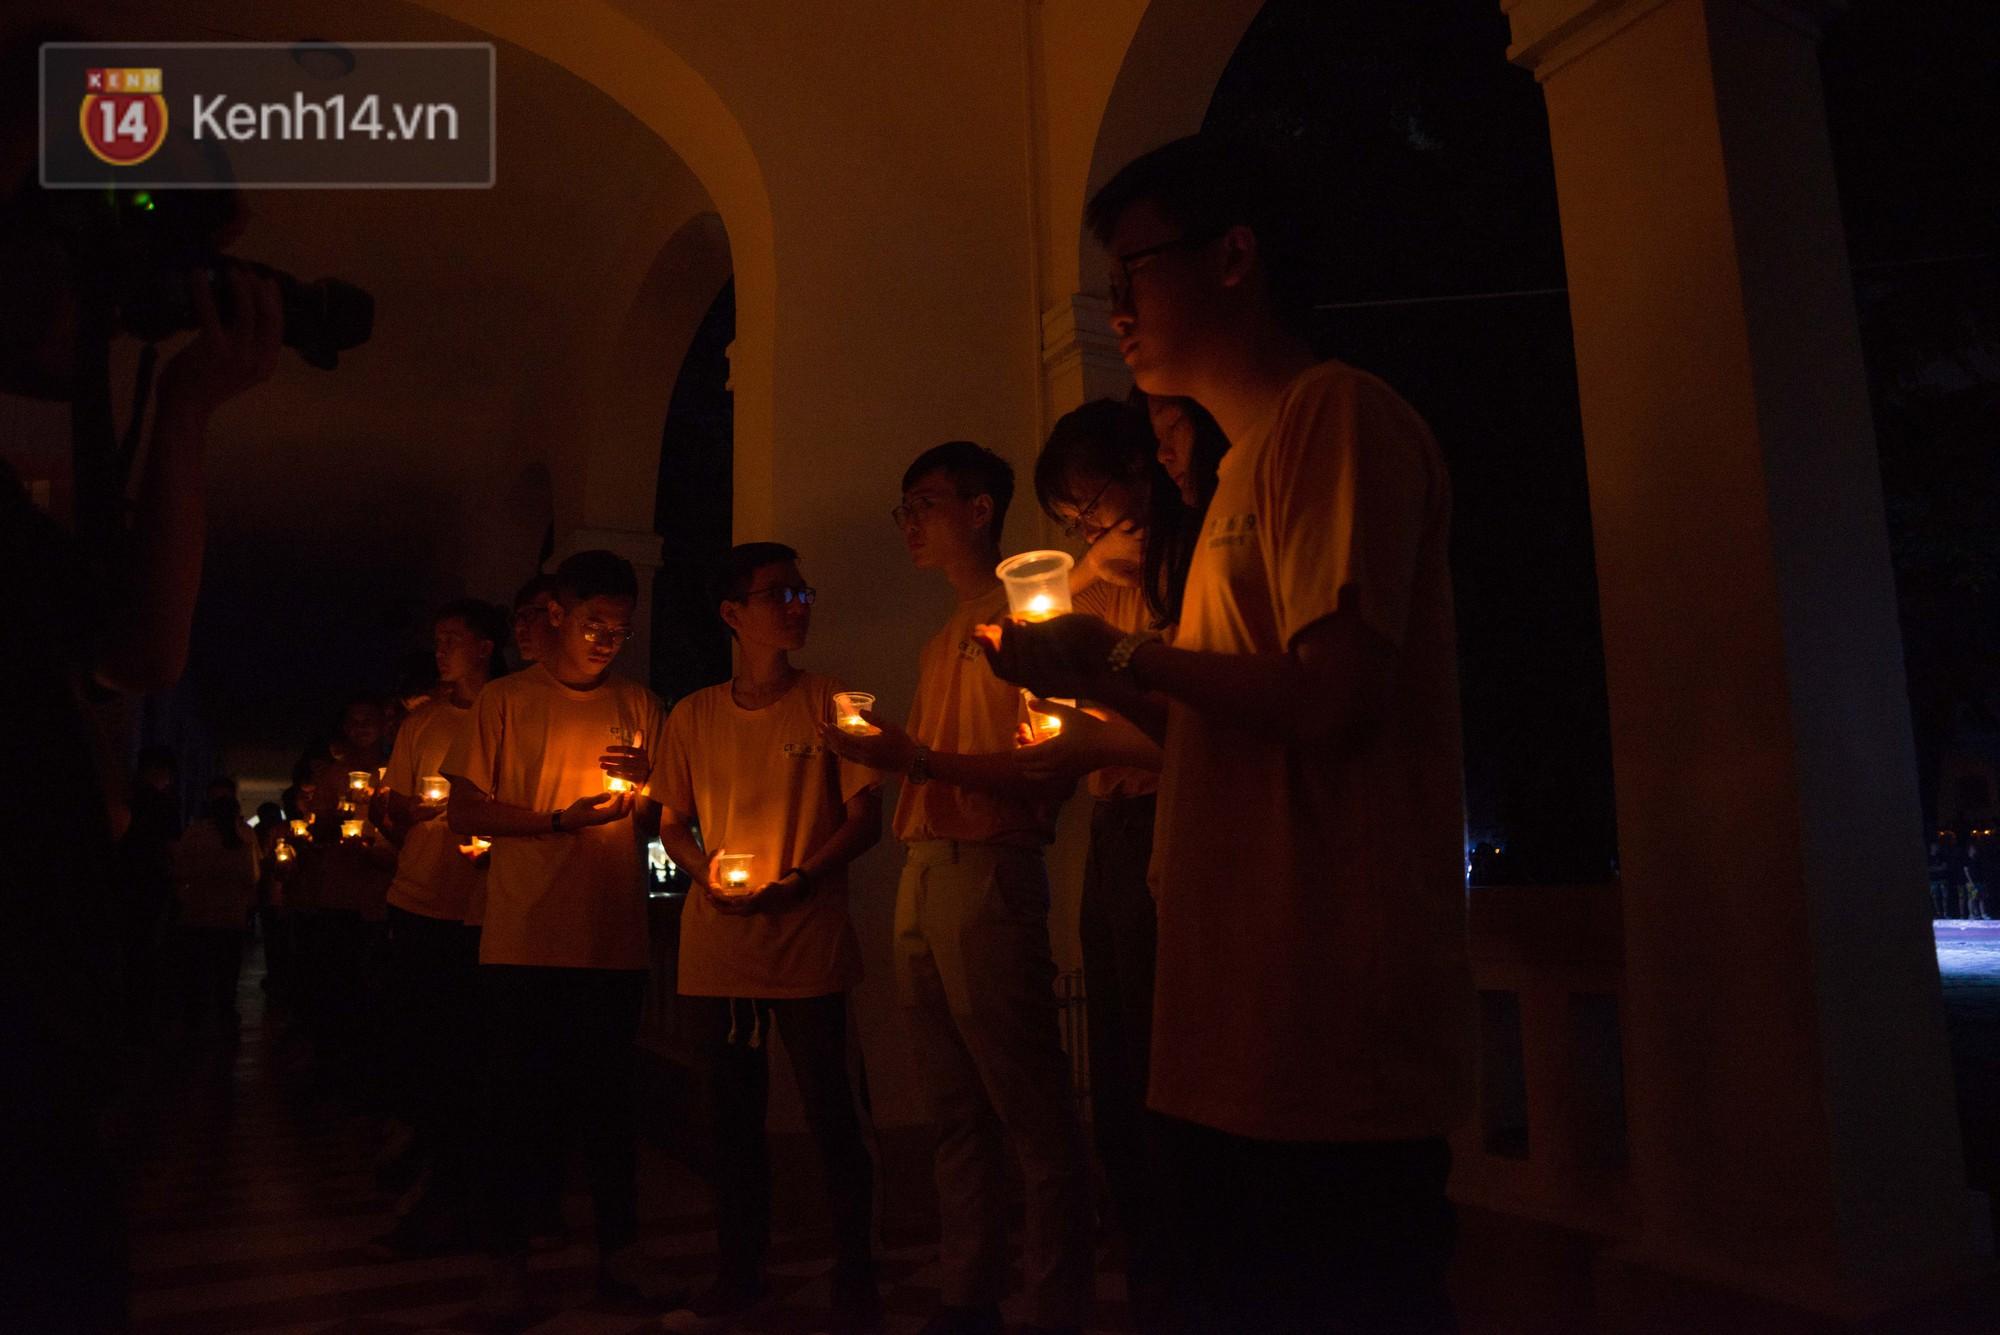 Đêm ra trường chuyên Lê Hồng Phong: Còn hơn những giọt nước mắt chính là cùng cười, cùng vui bên nhau đêm cuối - Ảnh 9.